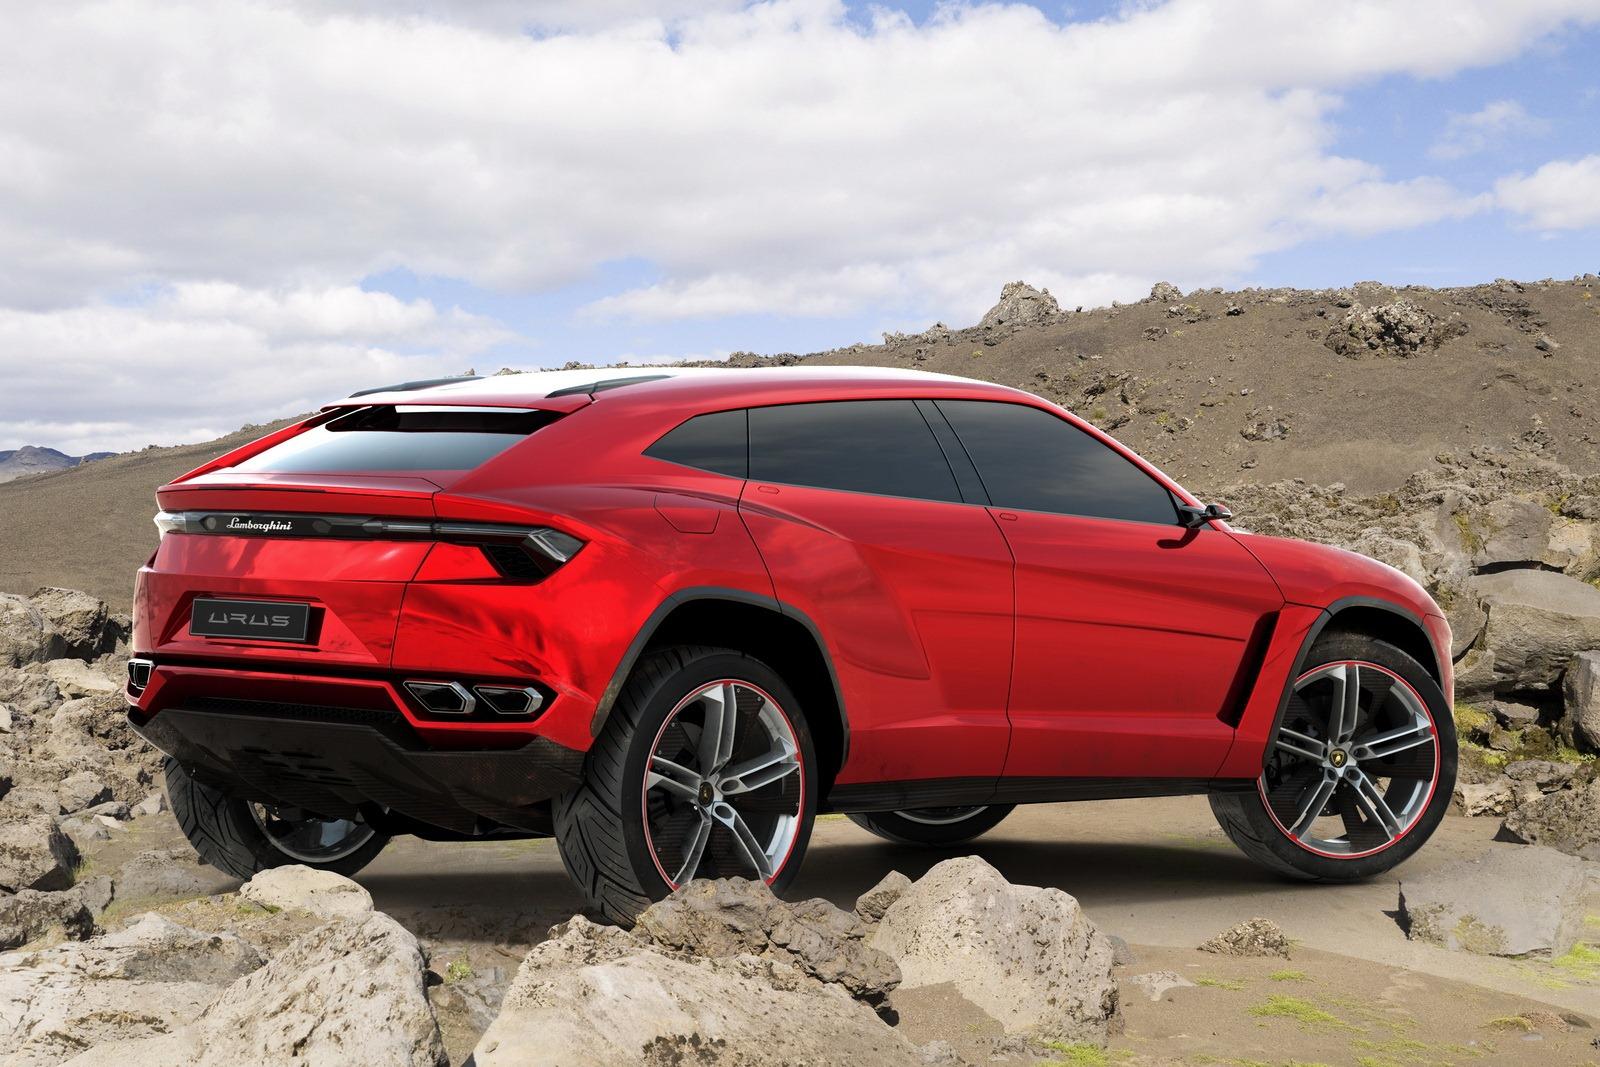 Lamborghini-Urus-8%255B3%255D.jpg